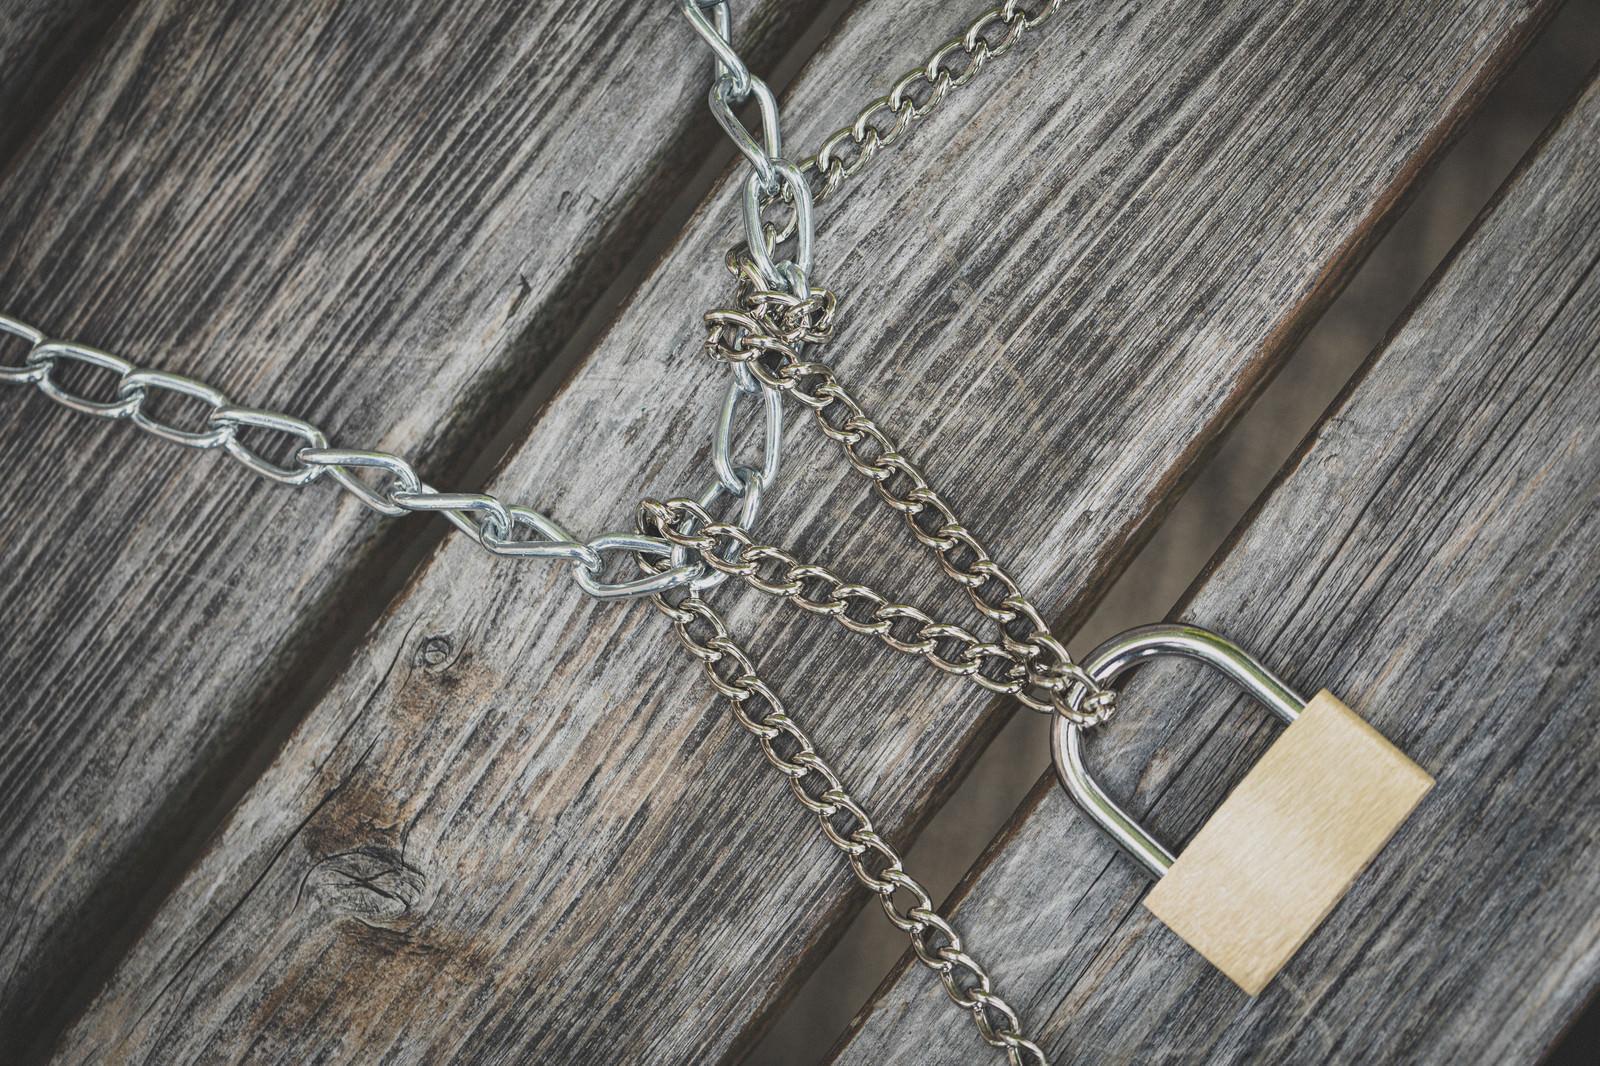 「二種類の鎖でロック」の写真